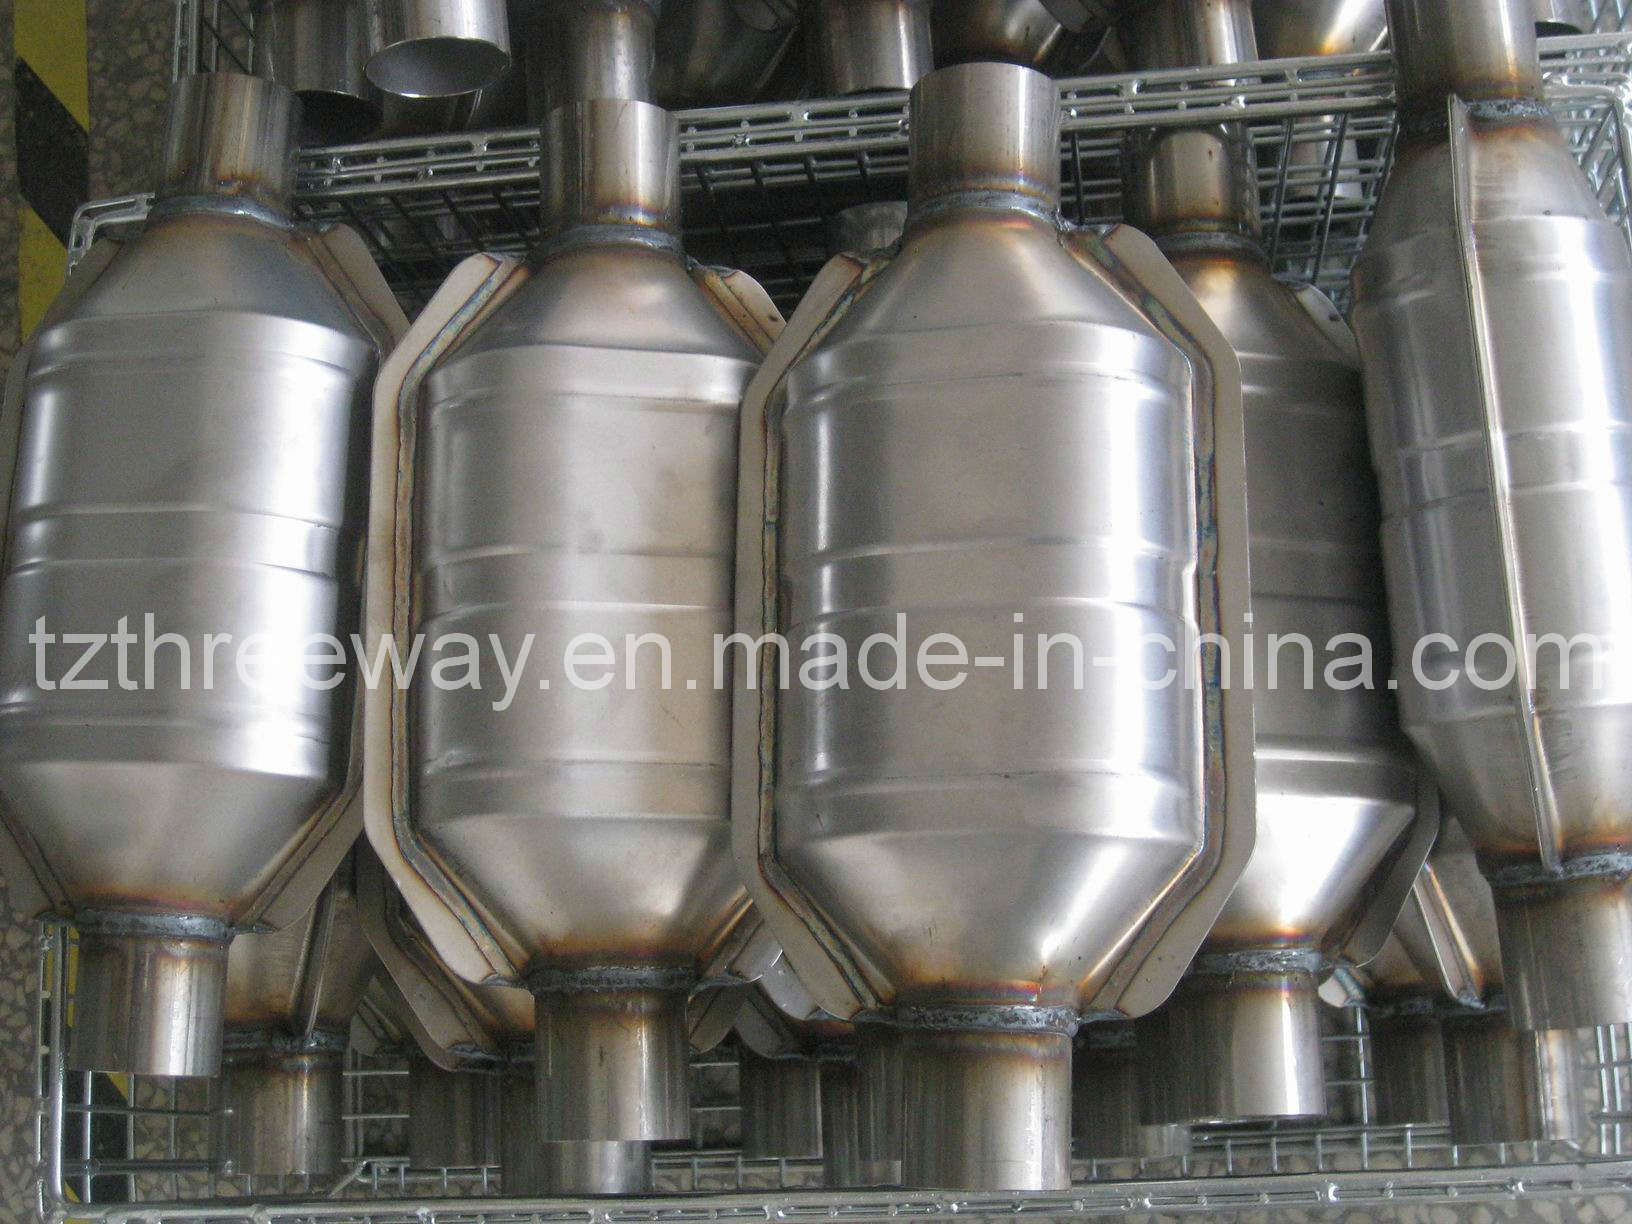 Ceramic Catalyst Converter (TWCAT028) - Euro2/Euro3/Euro4 Emission Norm